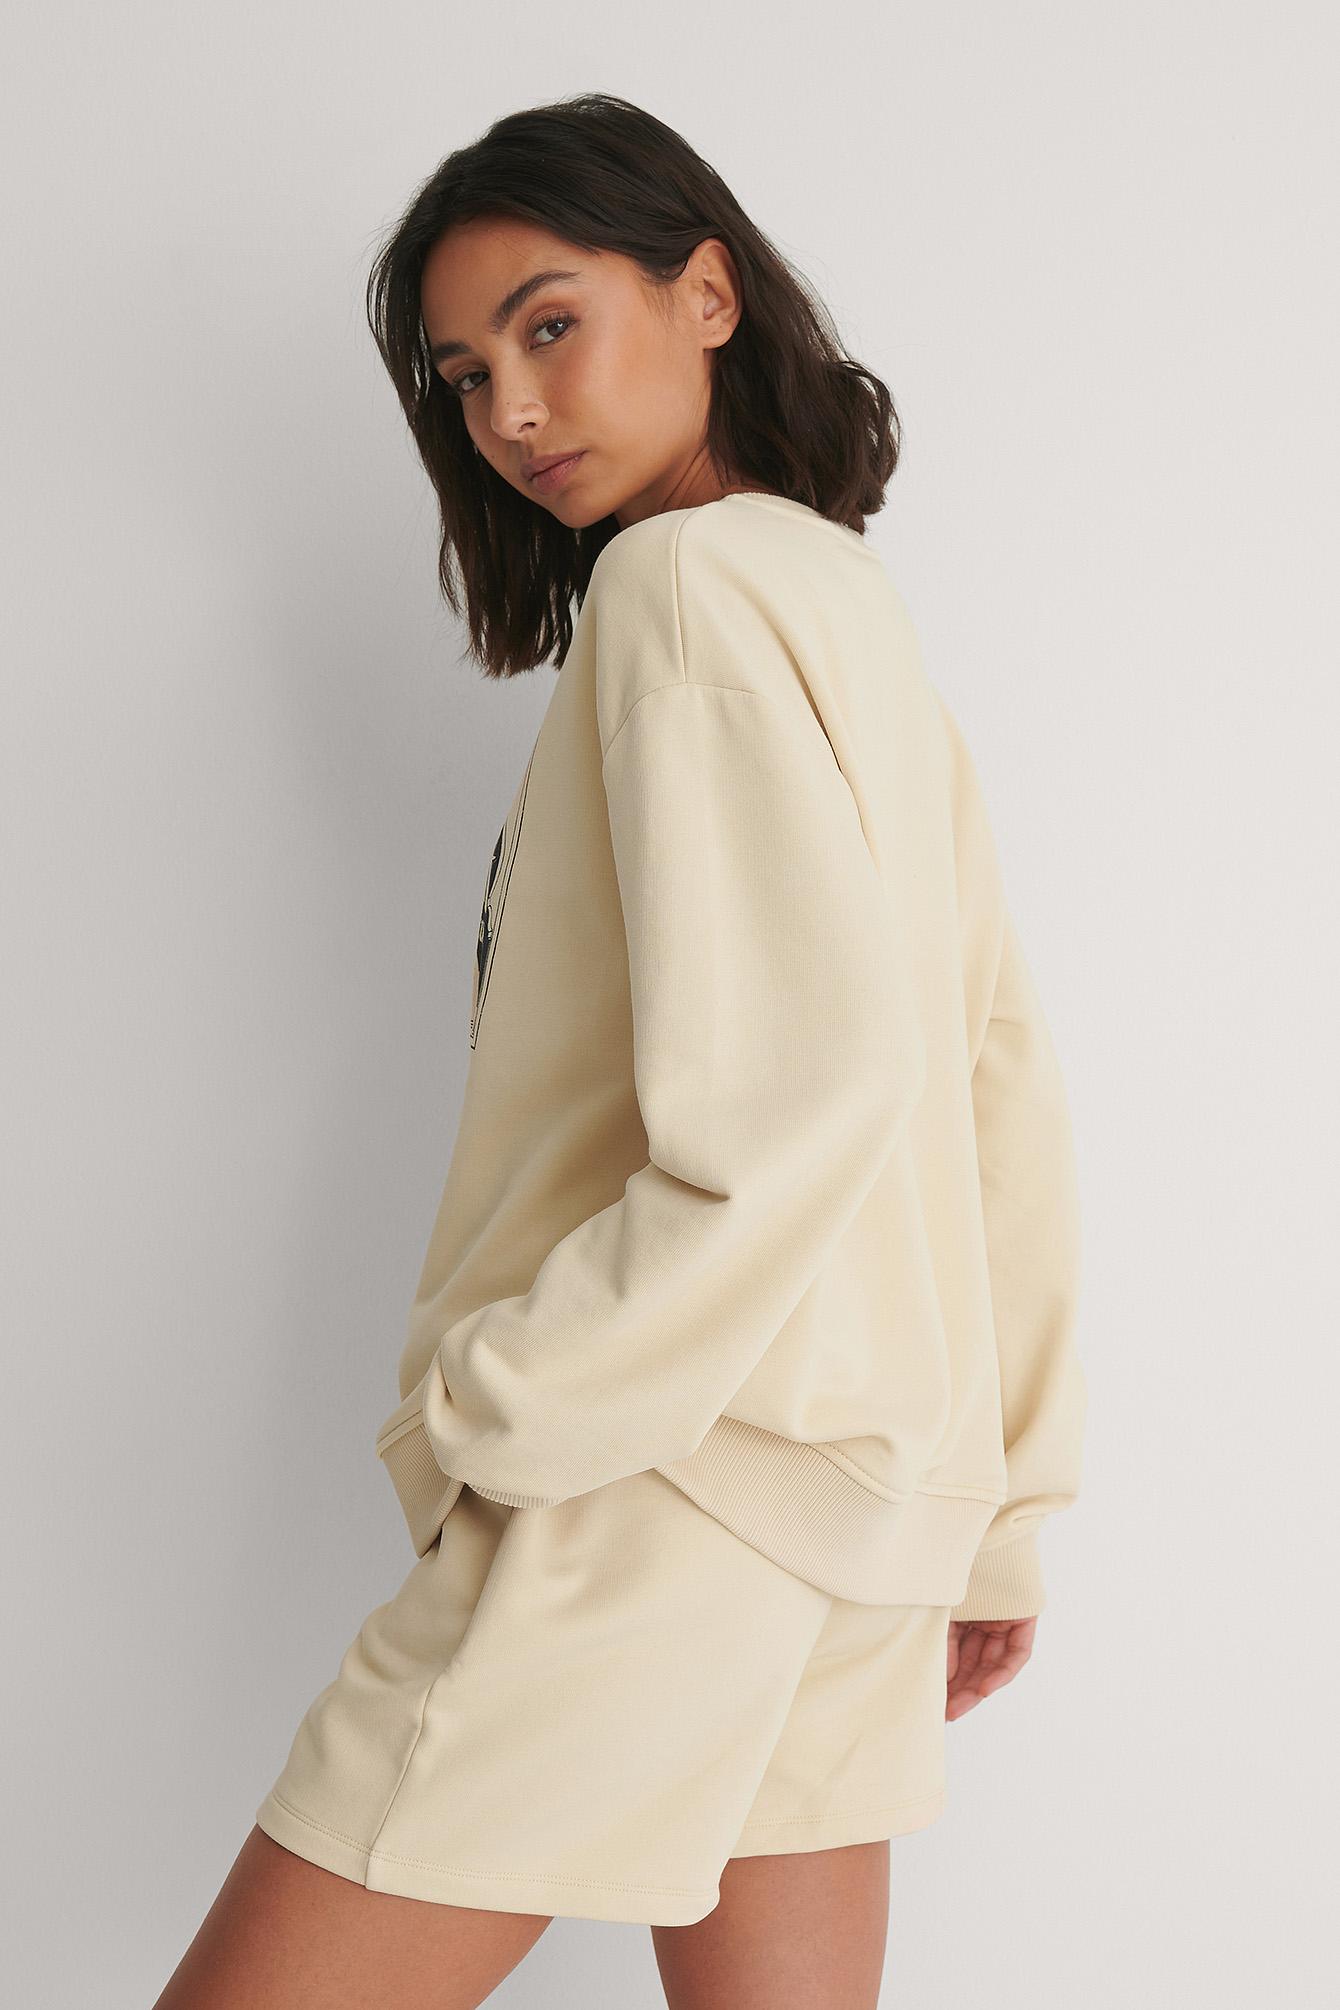 Веб девушка модель casablanca работа моделью реклама одежды спб